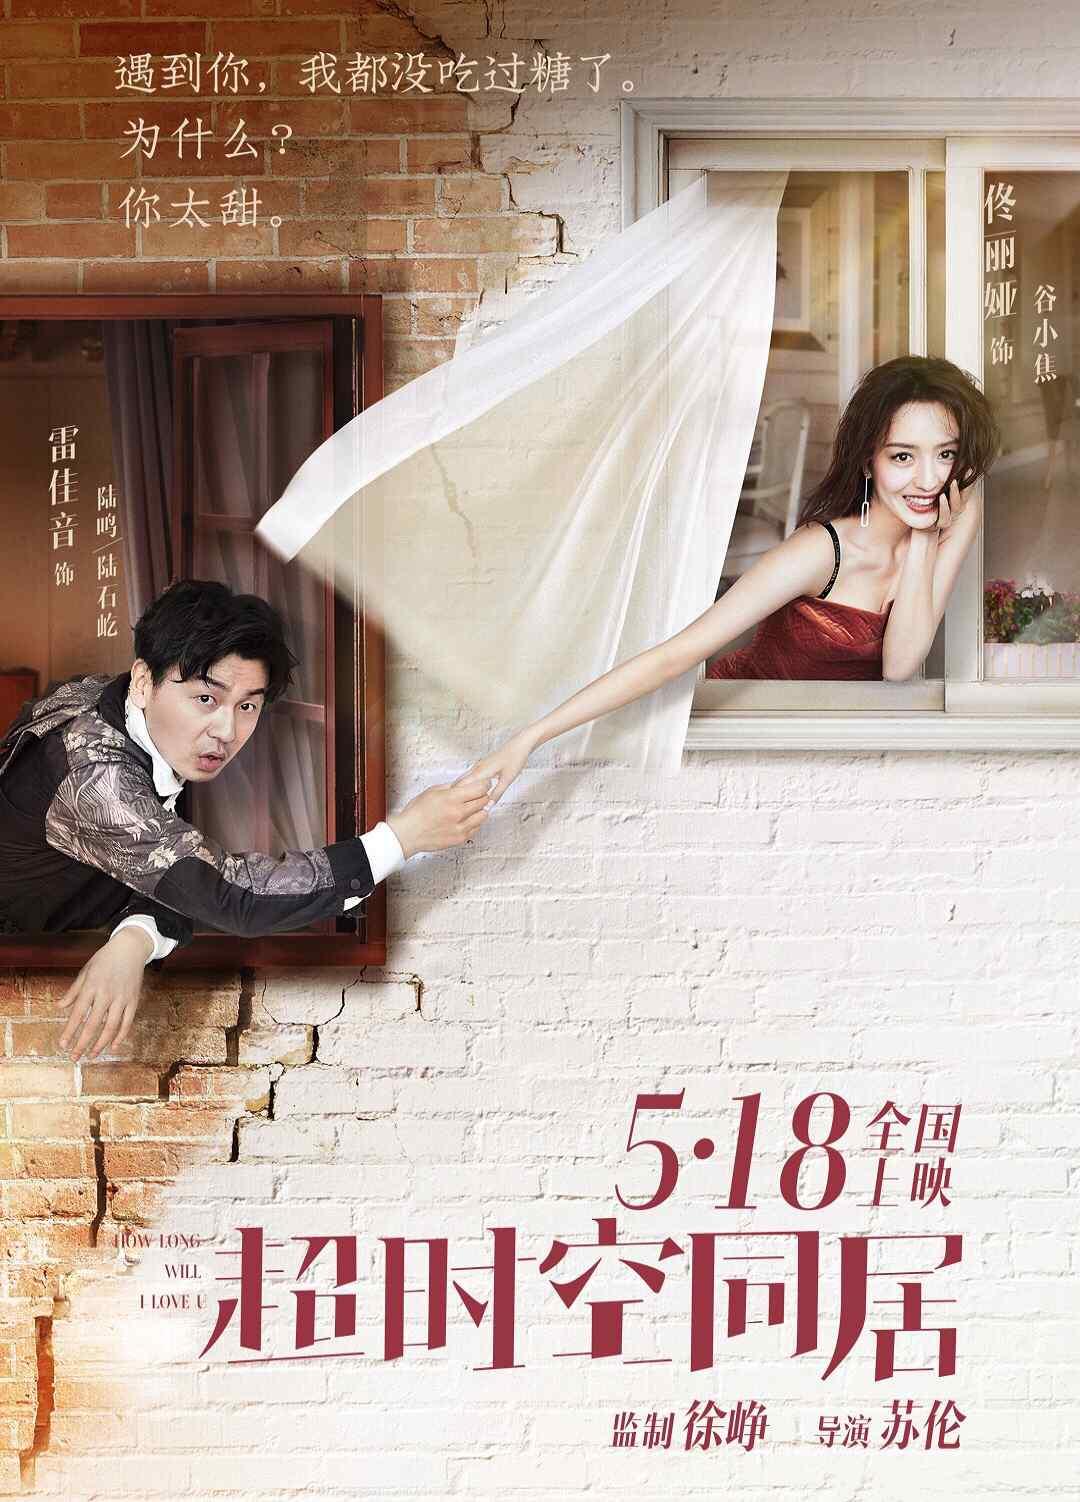 超时空同居浪漫甜蜜中国正式版海报